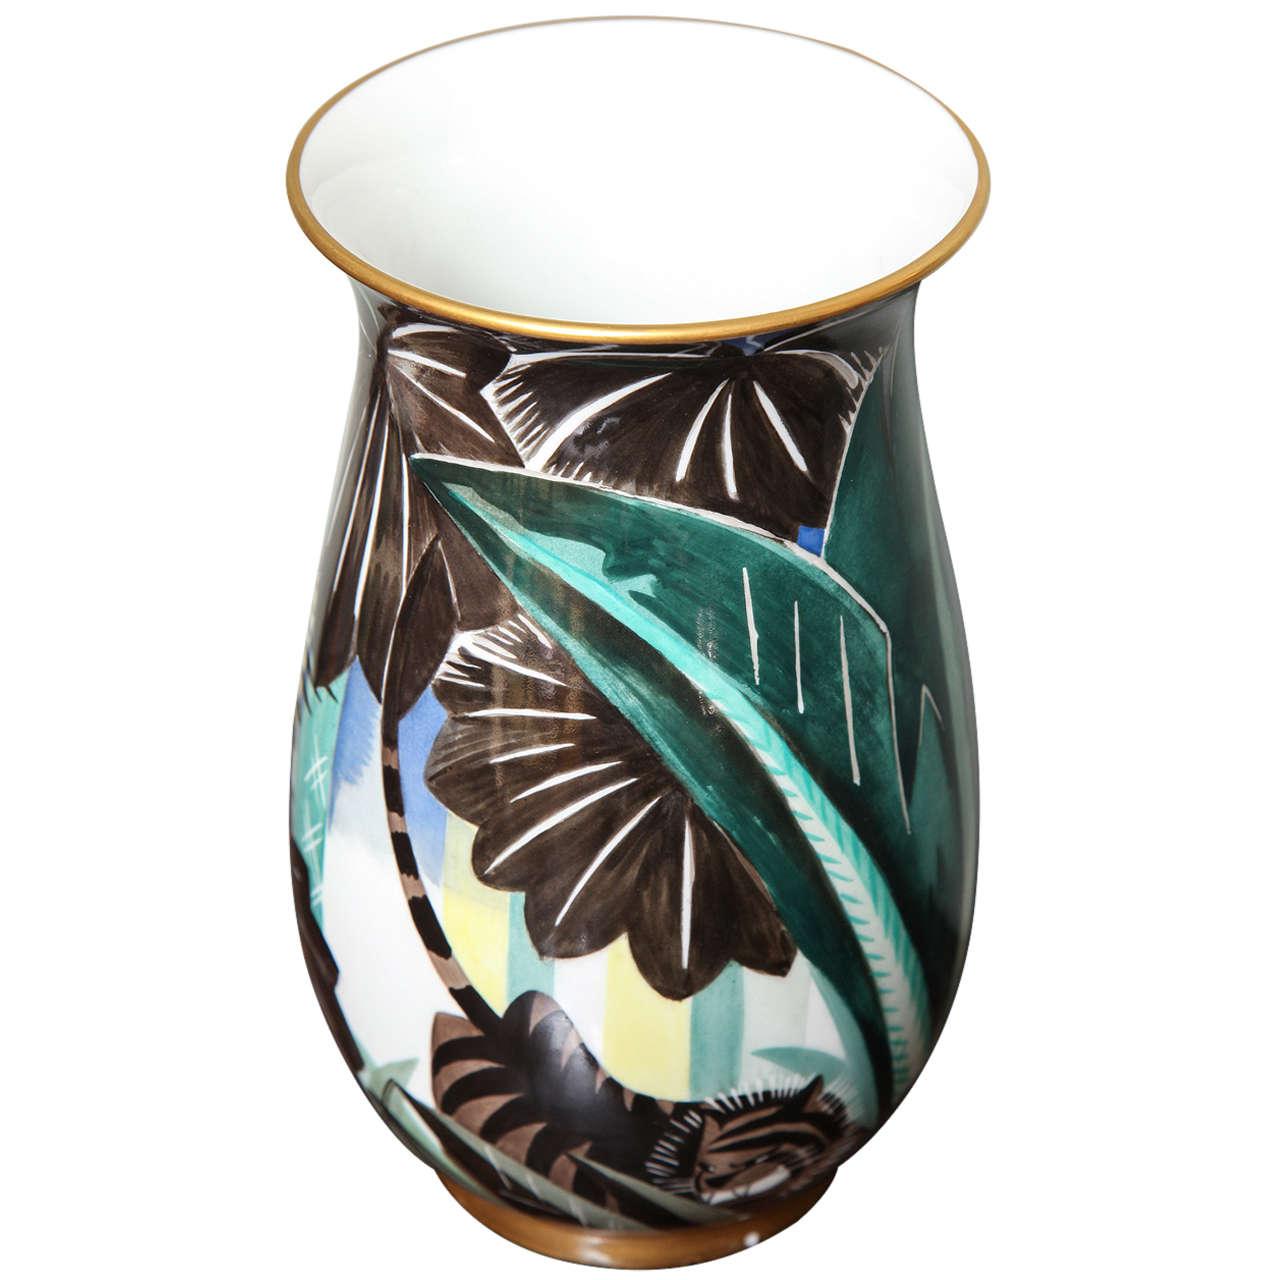 art deco porcelain vase by robert bonfils for sale at 1stdibs. Black Bedroom Furniture Sets. Home Design Ideas